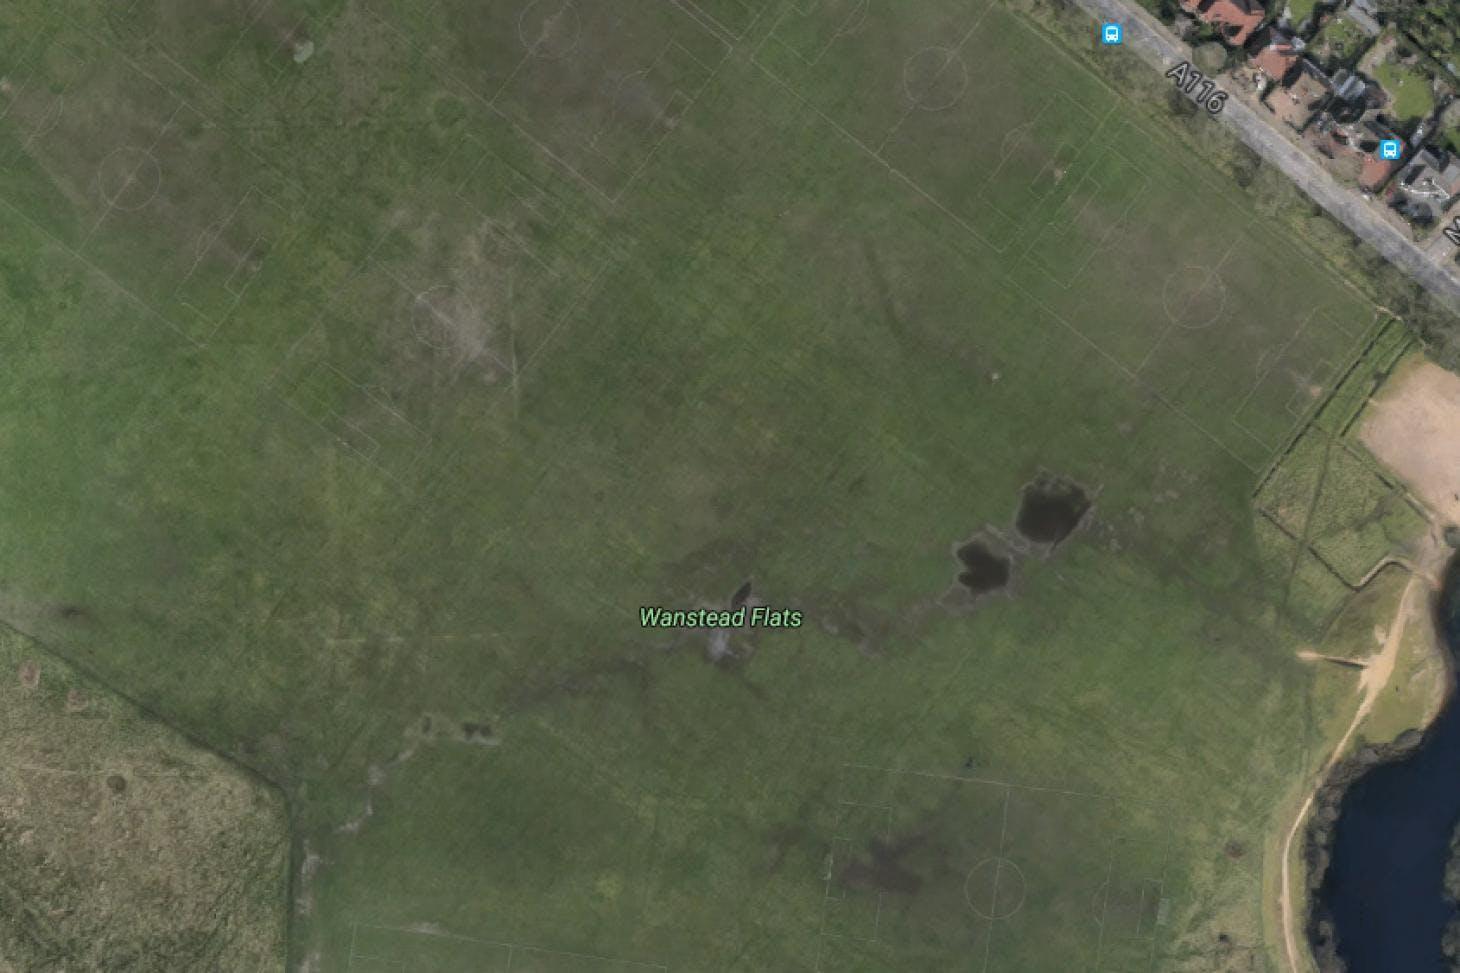 Wanstead Flats Playing Fields (Aldersbrook Road) 5 a side | Grass football pitch